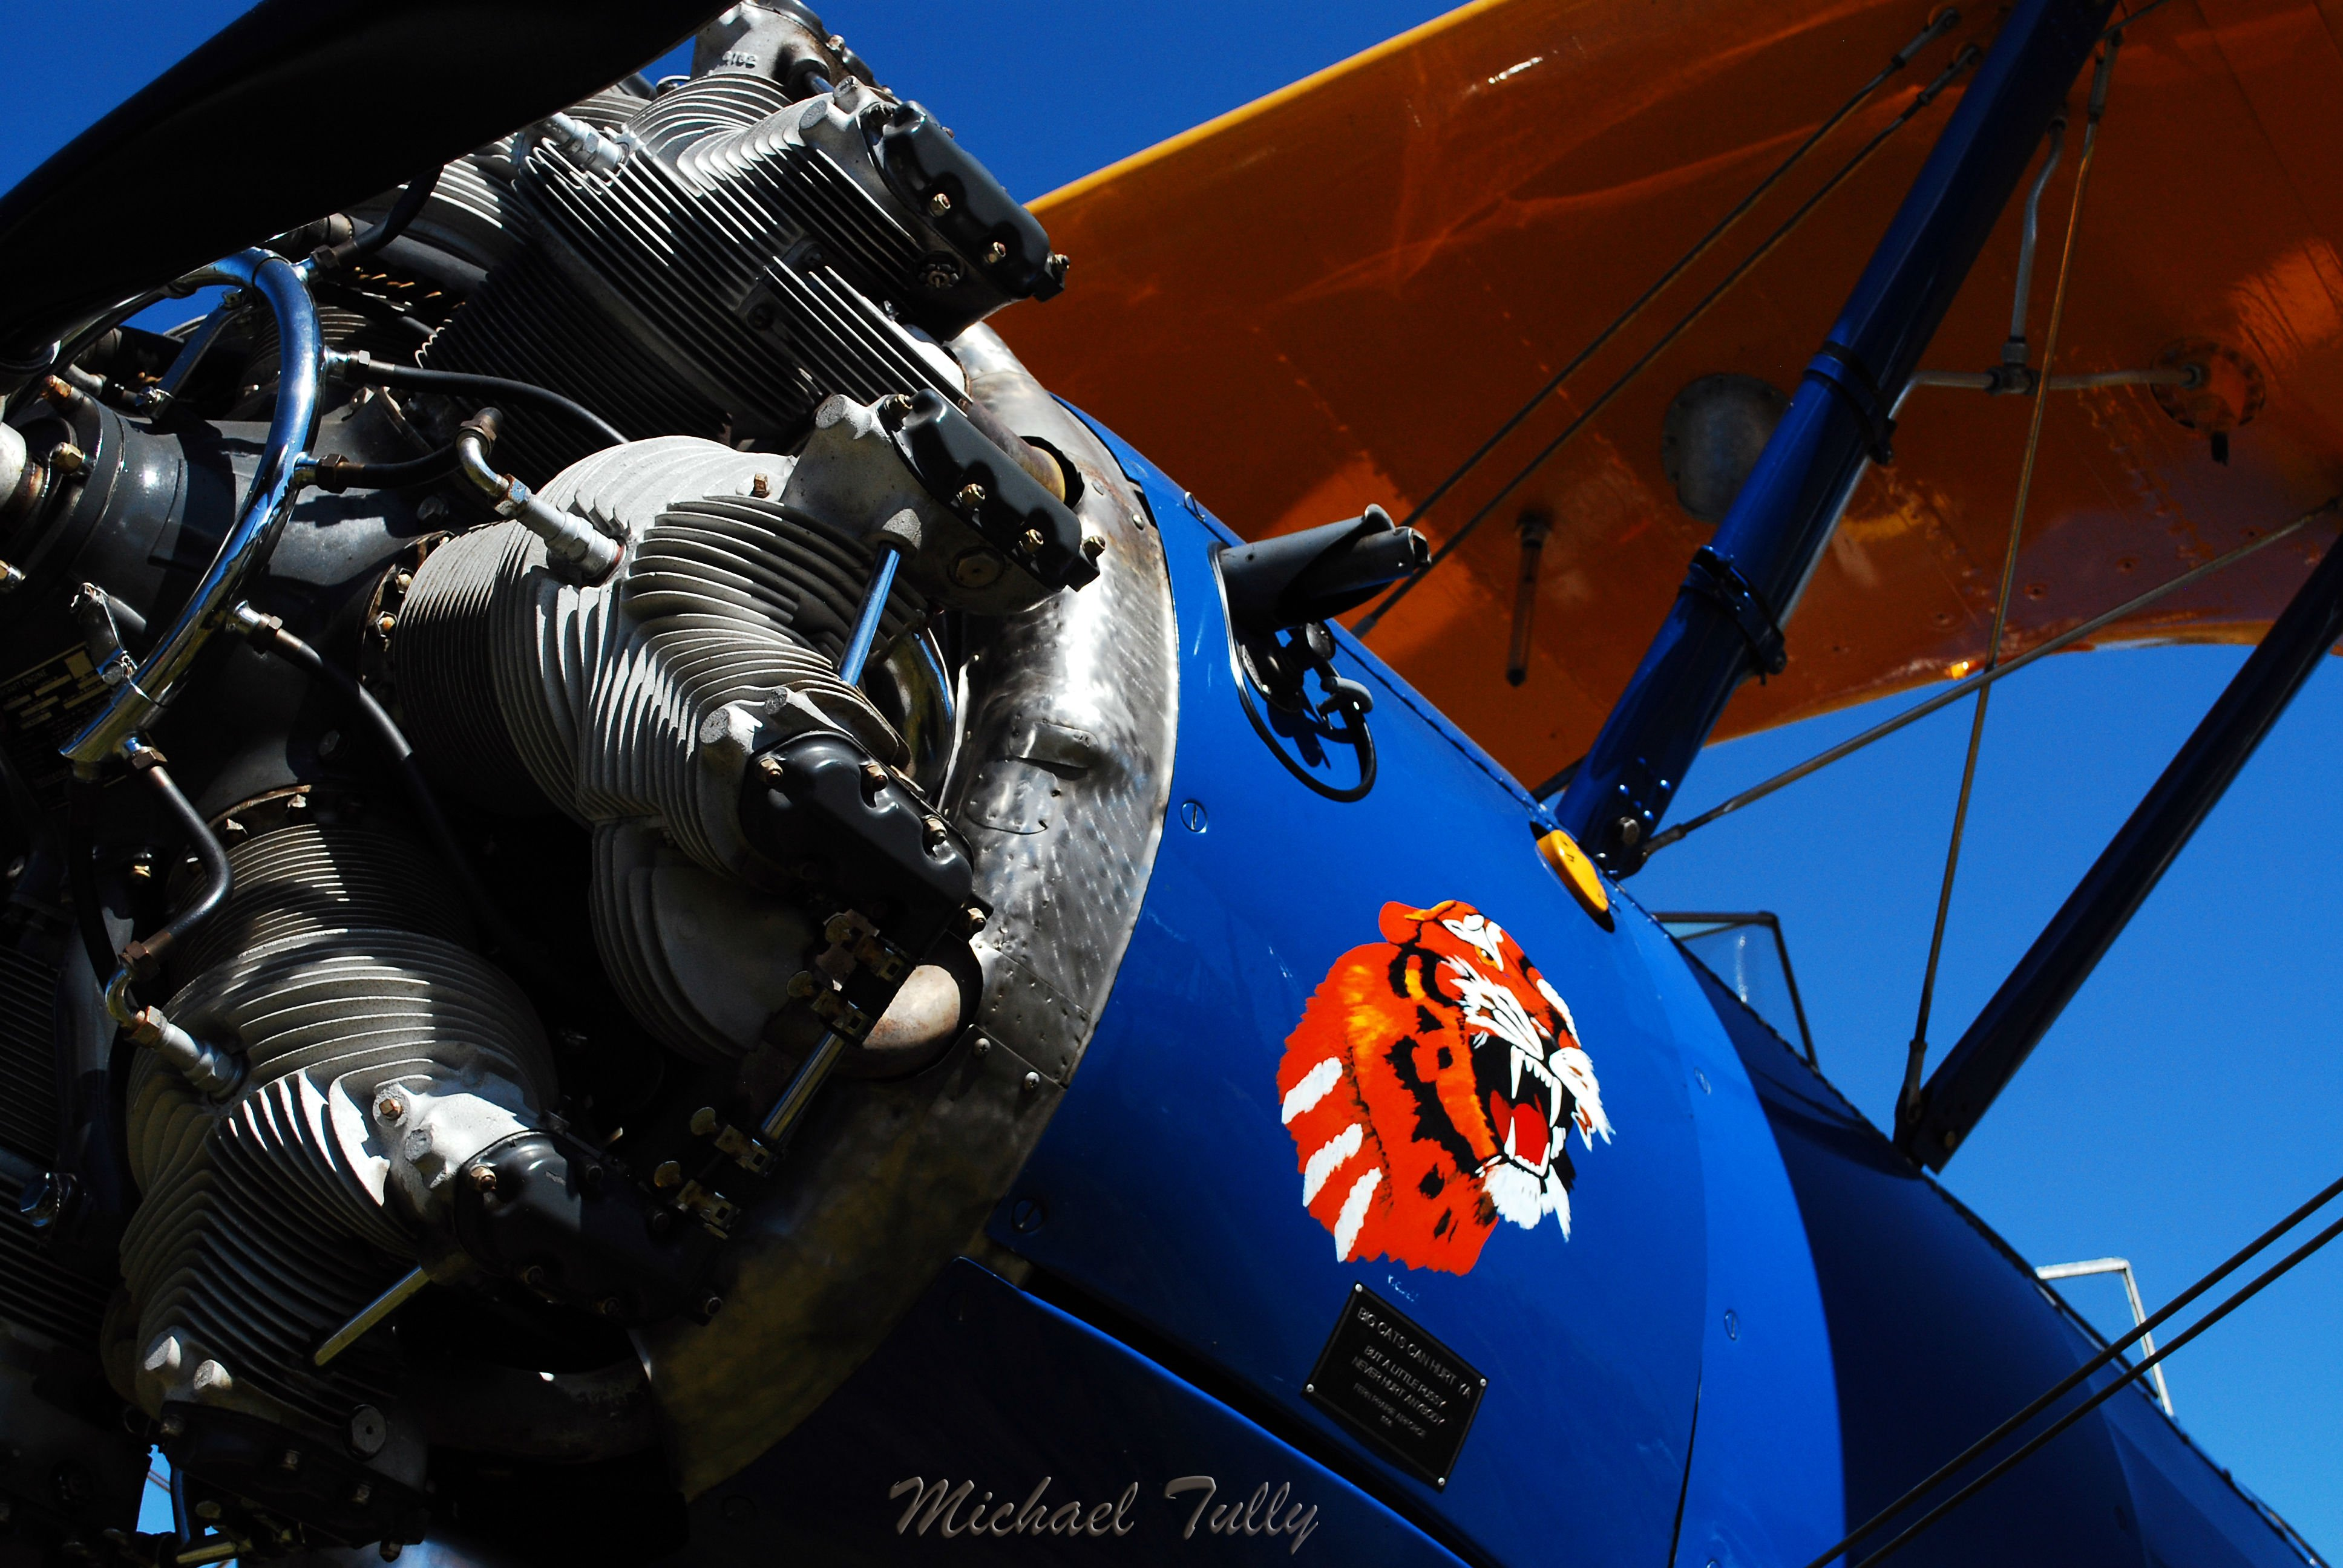 Aircraft Engine Wallpaper Aircraft Engine Wallpaper